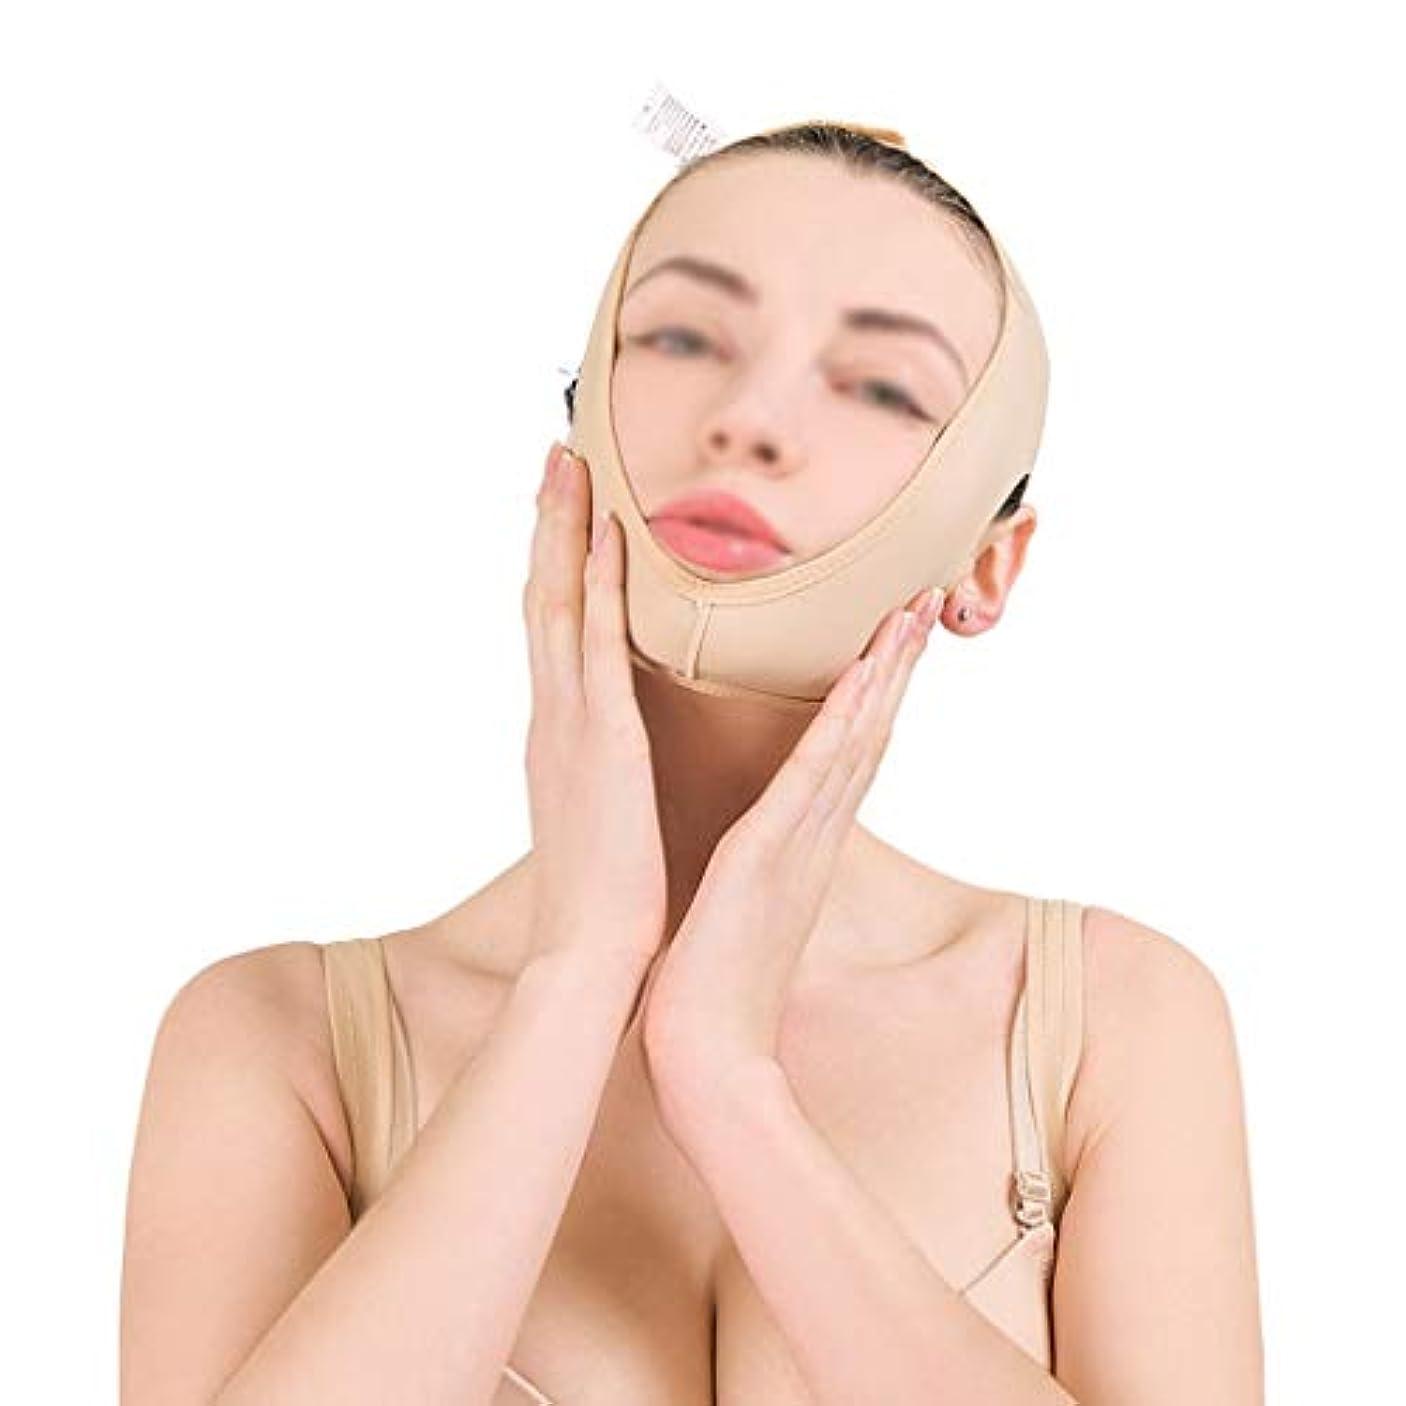 壮大カメラ遮るXHLMRMJ マスクの減量、肌の包帯を引き締めるフェイスバンドを持ち上げる、フェイスリフティング、二重あごの美容包帯、フェイスリフト (Size : S)